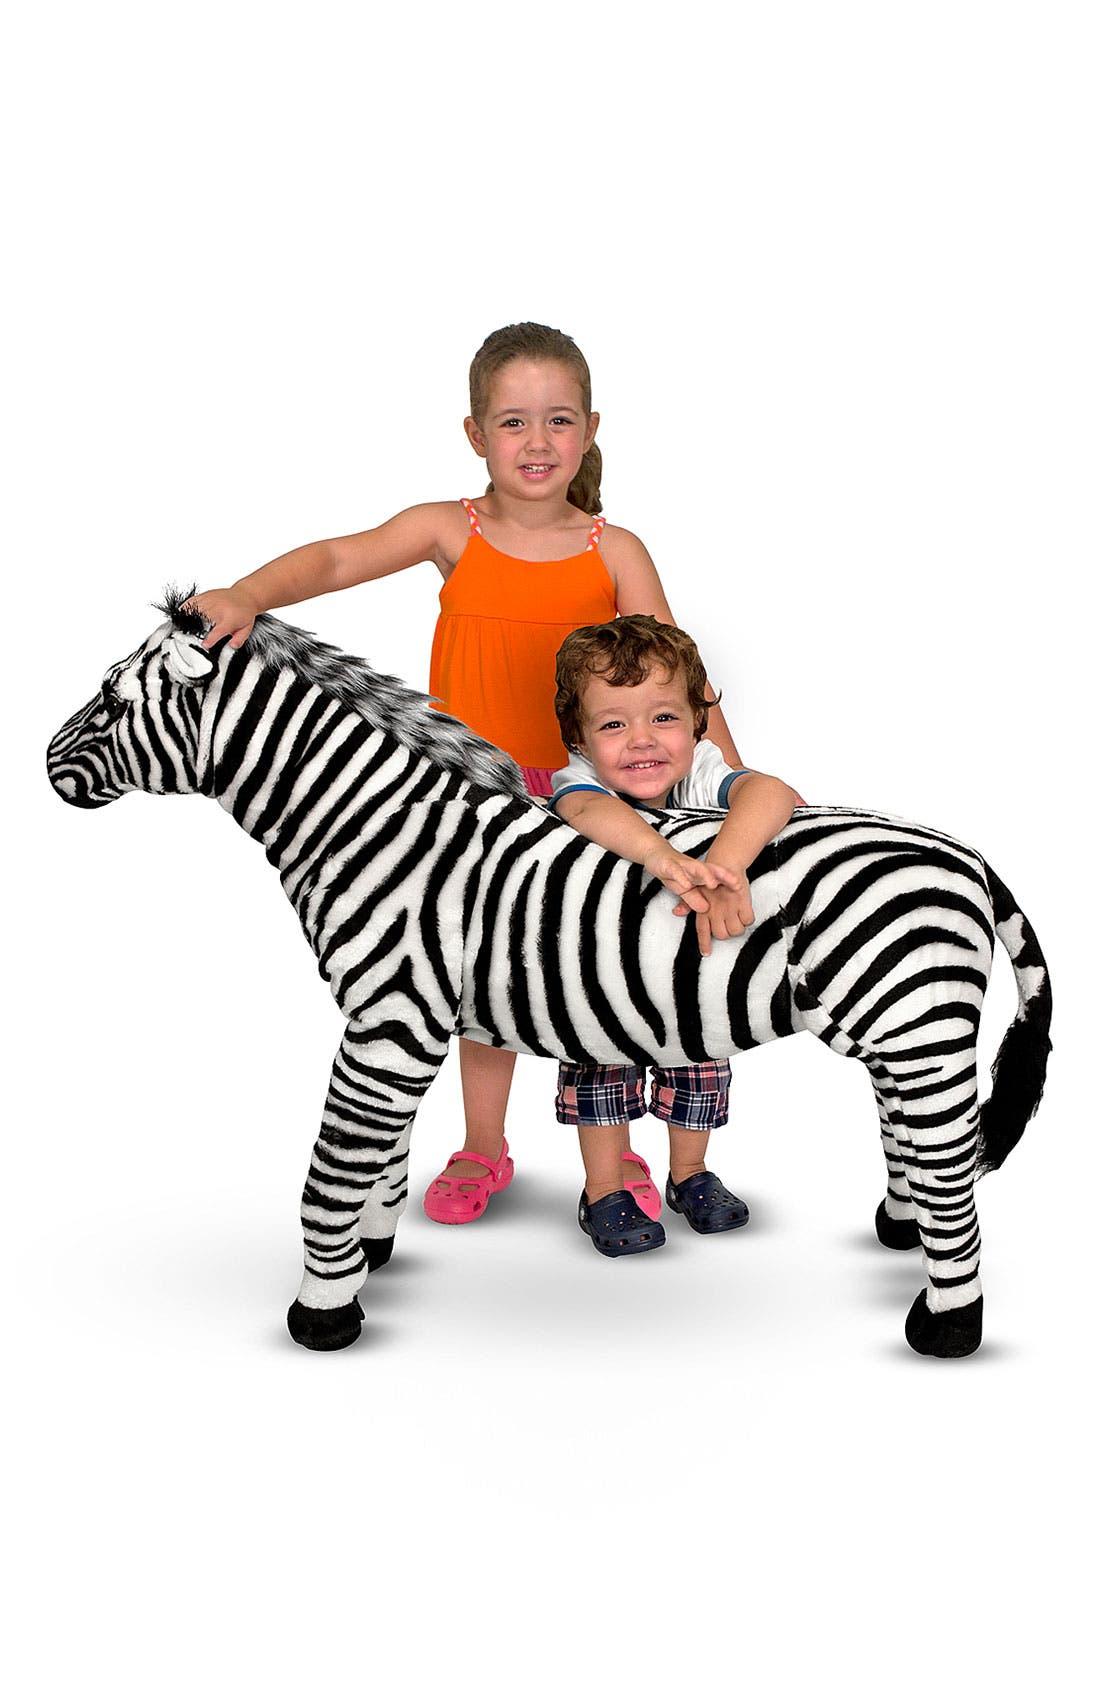 Alternate Image 1 Selected - Melissa & Doug Oversized Zebra